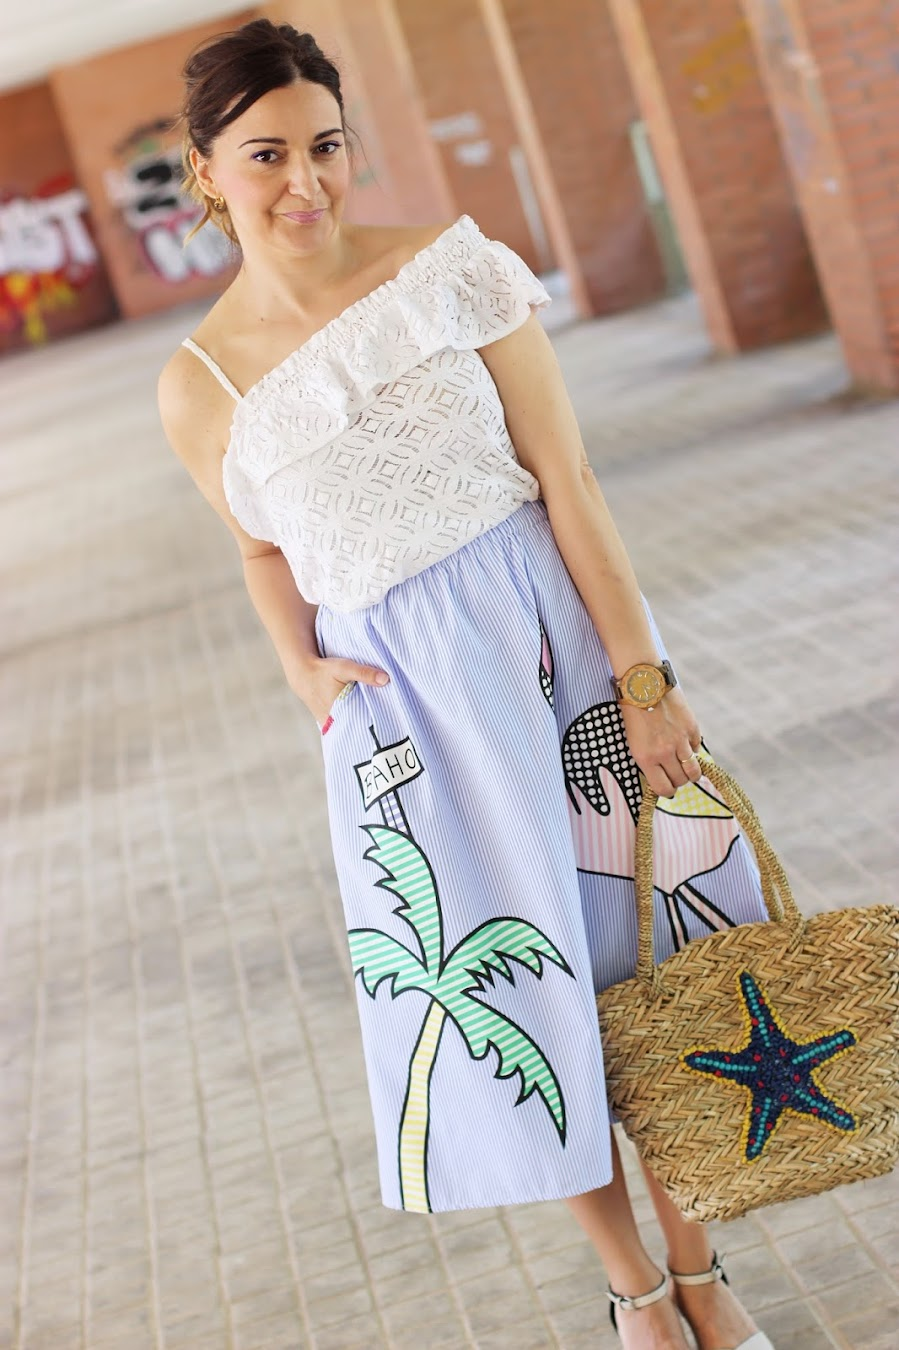 8a87aa77f El blog de Renée: Look con falda de rayas y dibujos